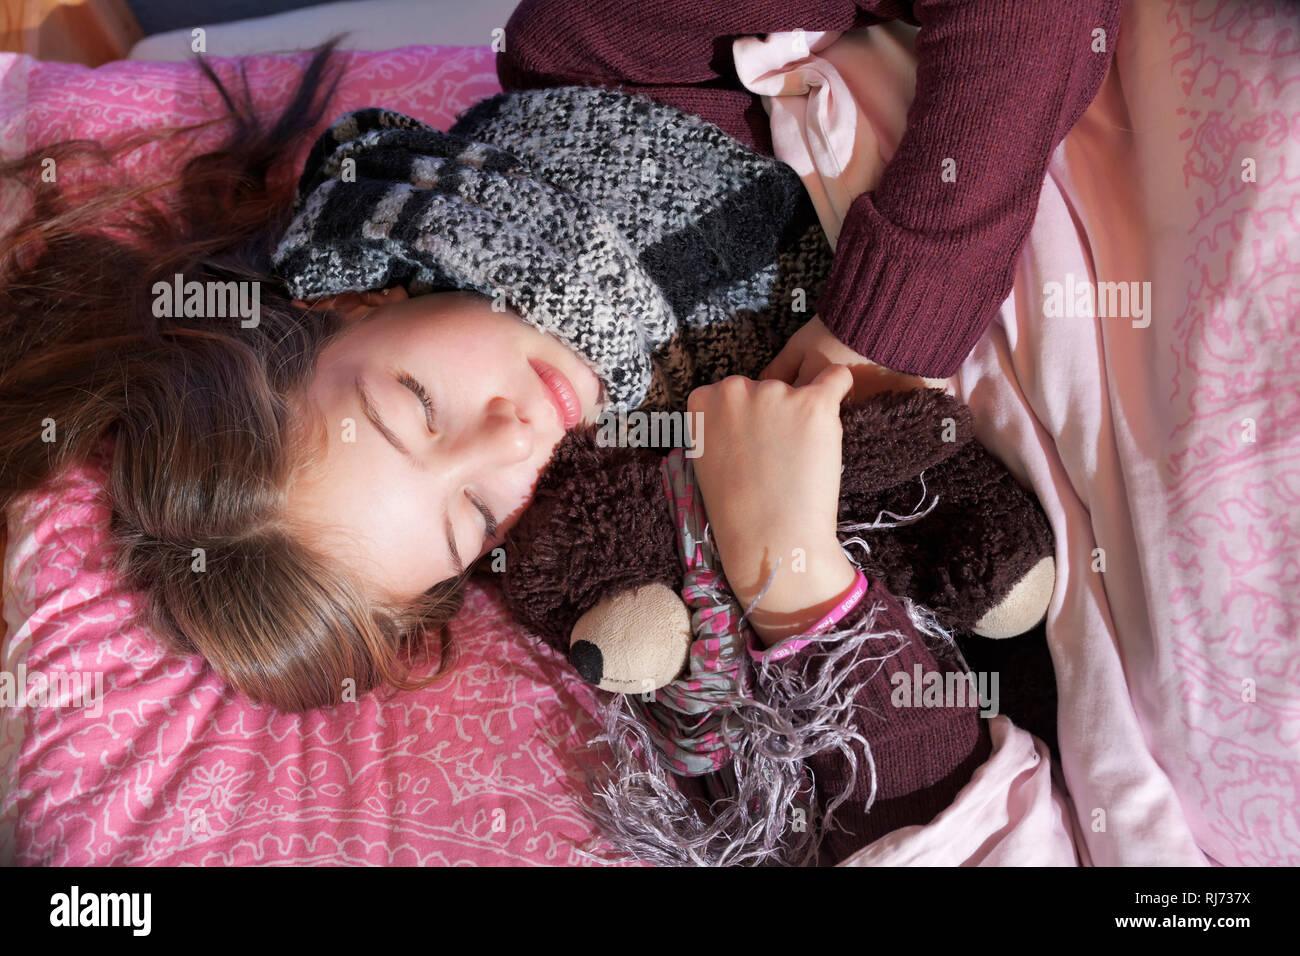 Mädchen, 12 Jahre alt, schlafend mit Stofftier - Stock Image